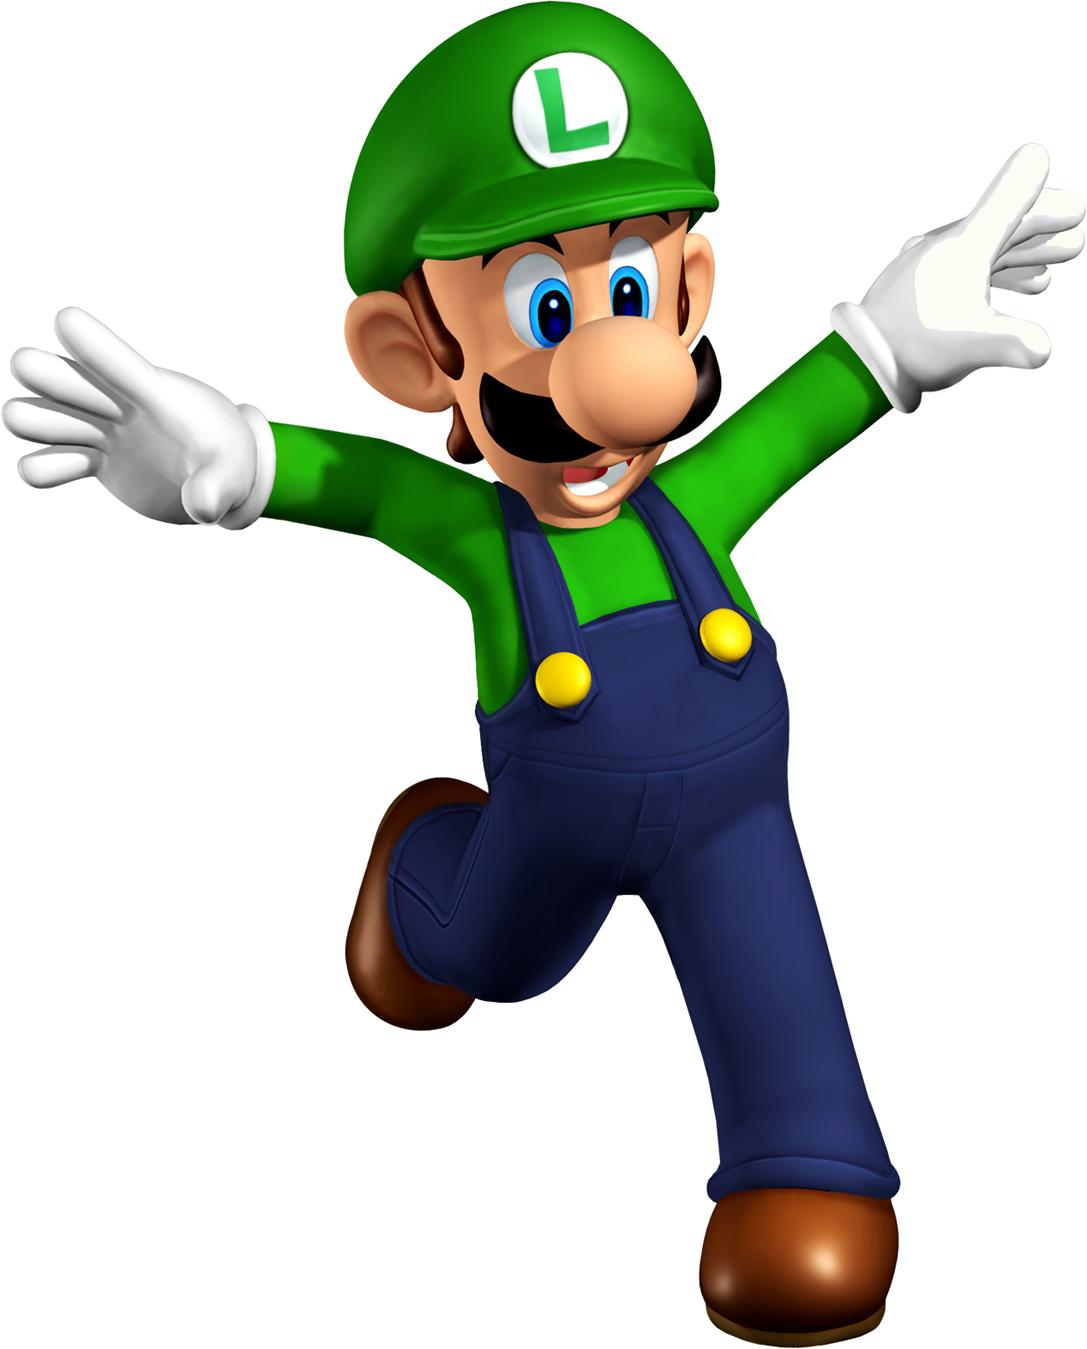 Super Mario  Luigi PNG Image